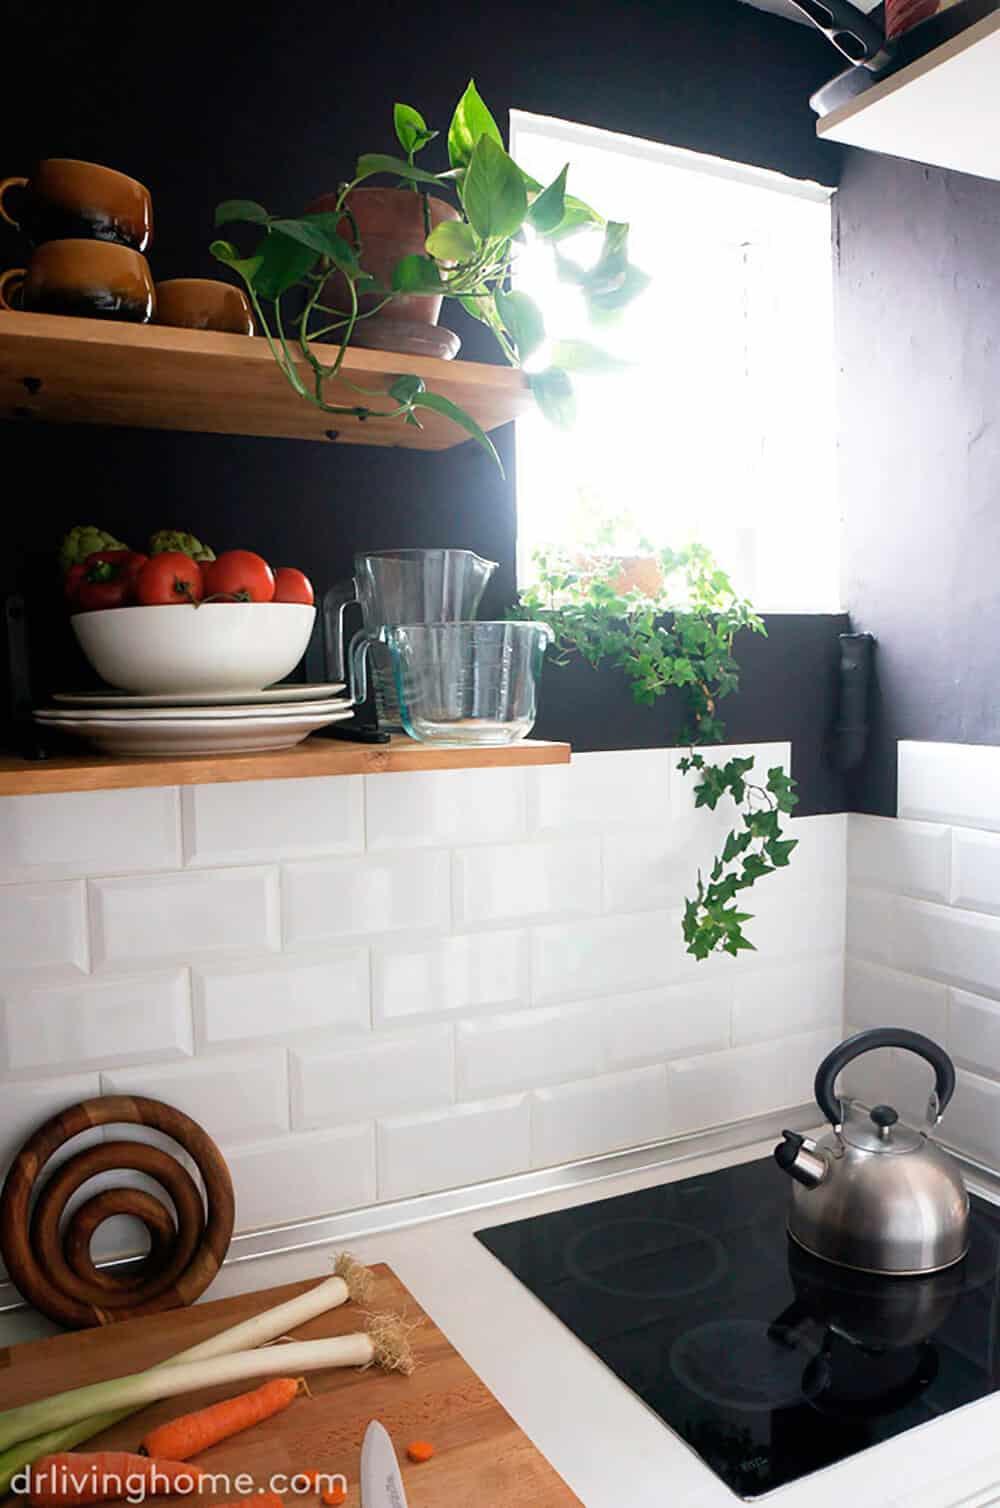 DIY Kitchen Makeover Dr Livinghome After Affordable Redo Emily Henderson 4